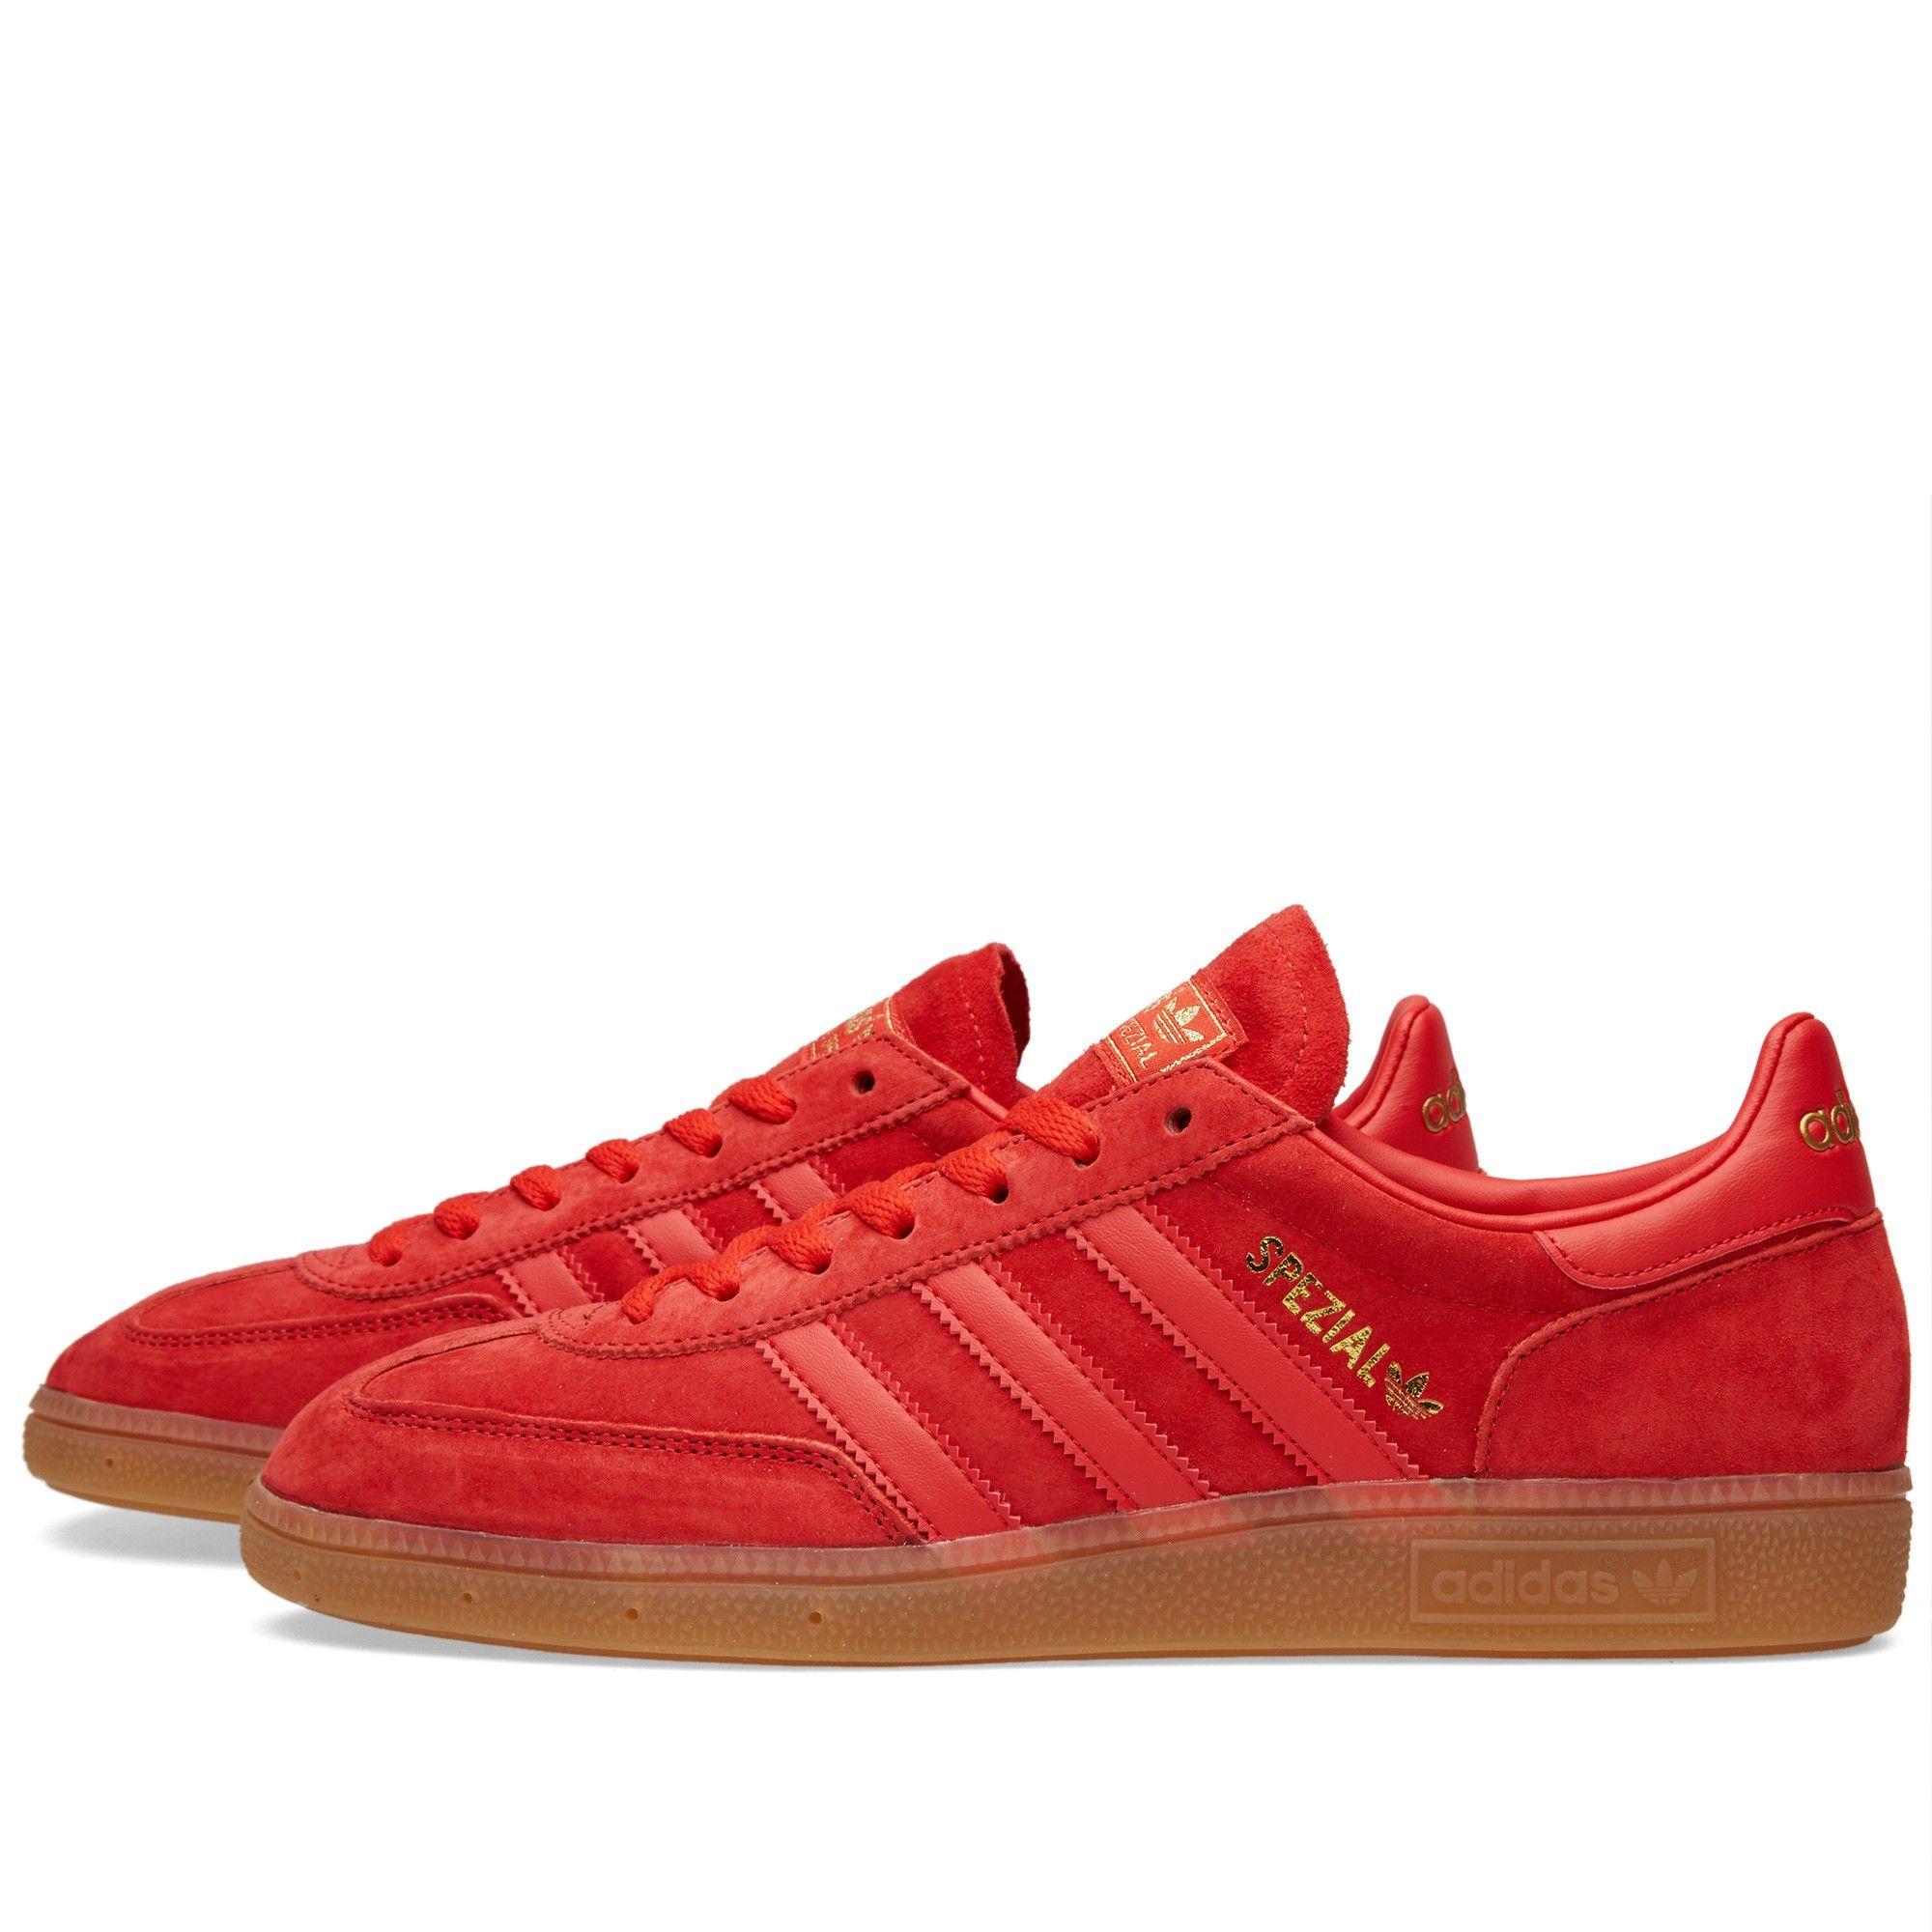 vaquero metano Exagerar  Adidas Spezial (Red & Gum) | Adidas spezial, Adidas, Adidas sneakers